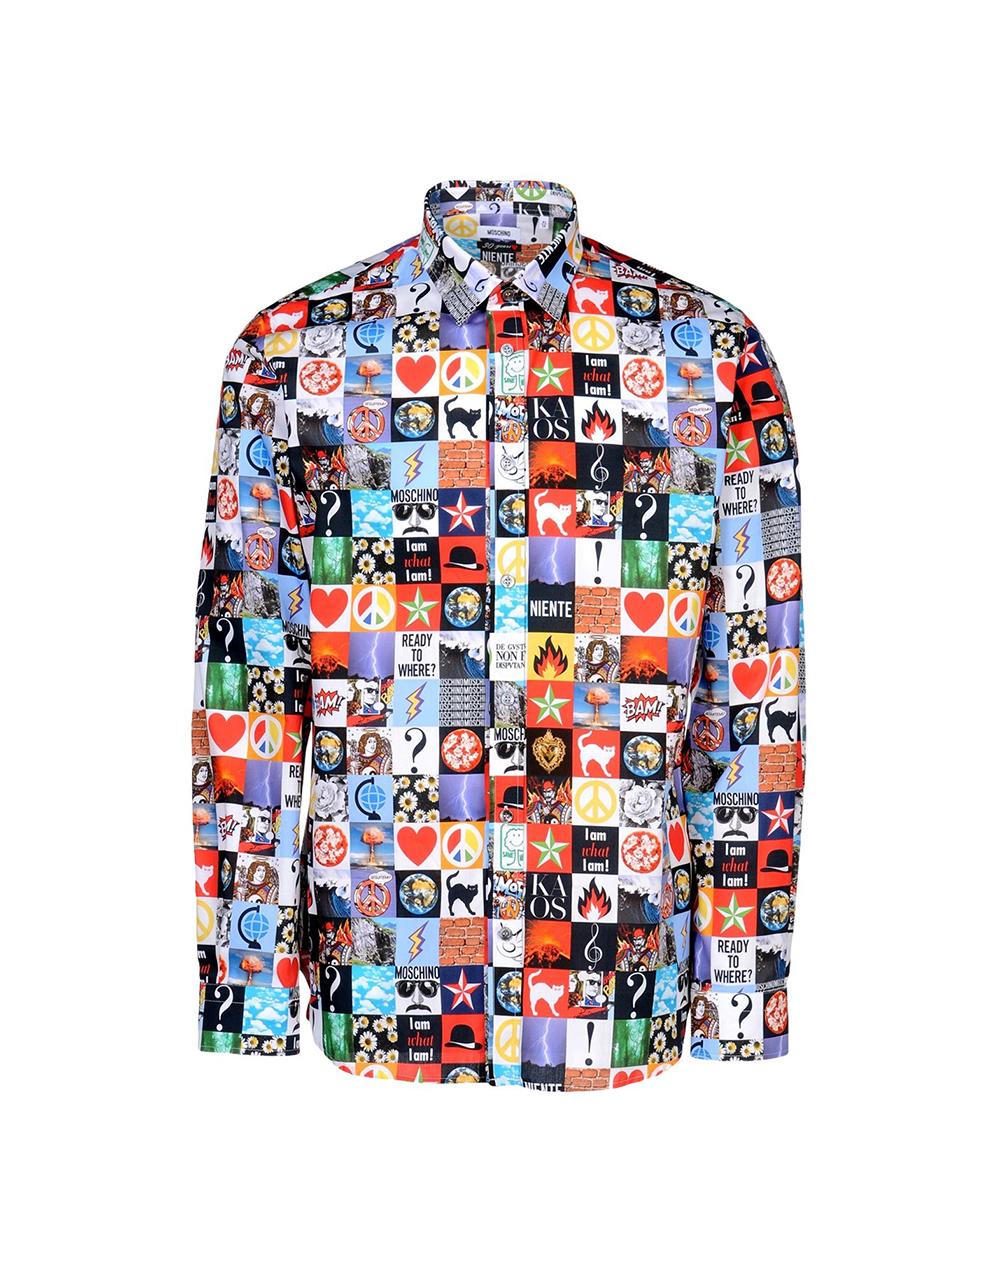 Moschino-50-years-shirt